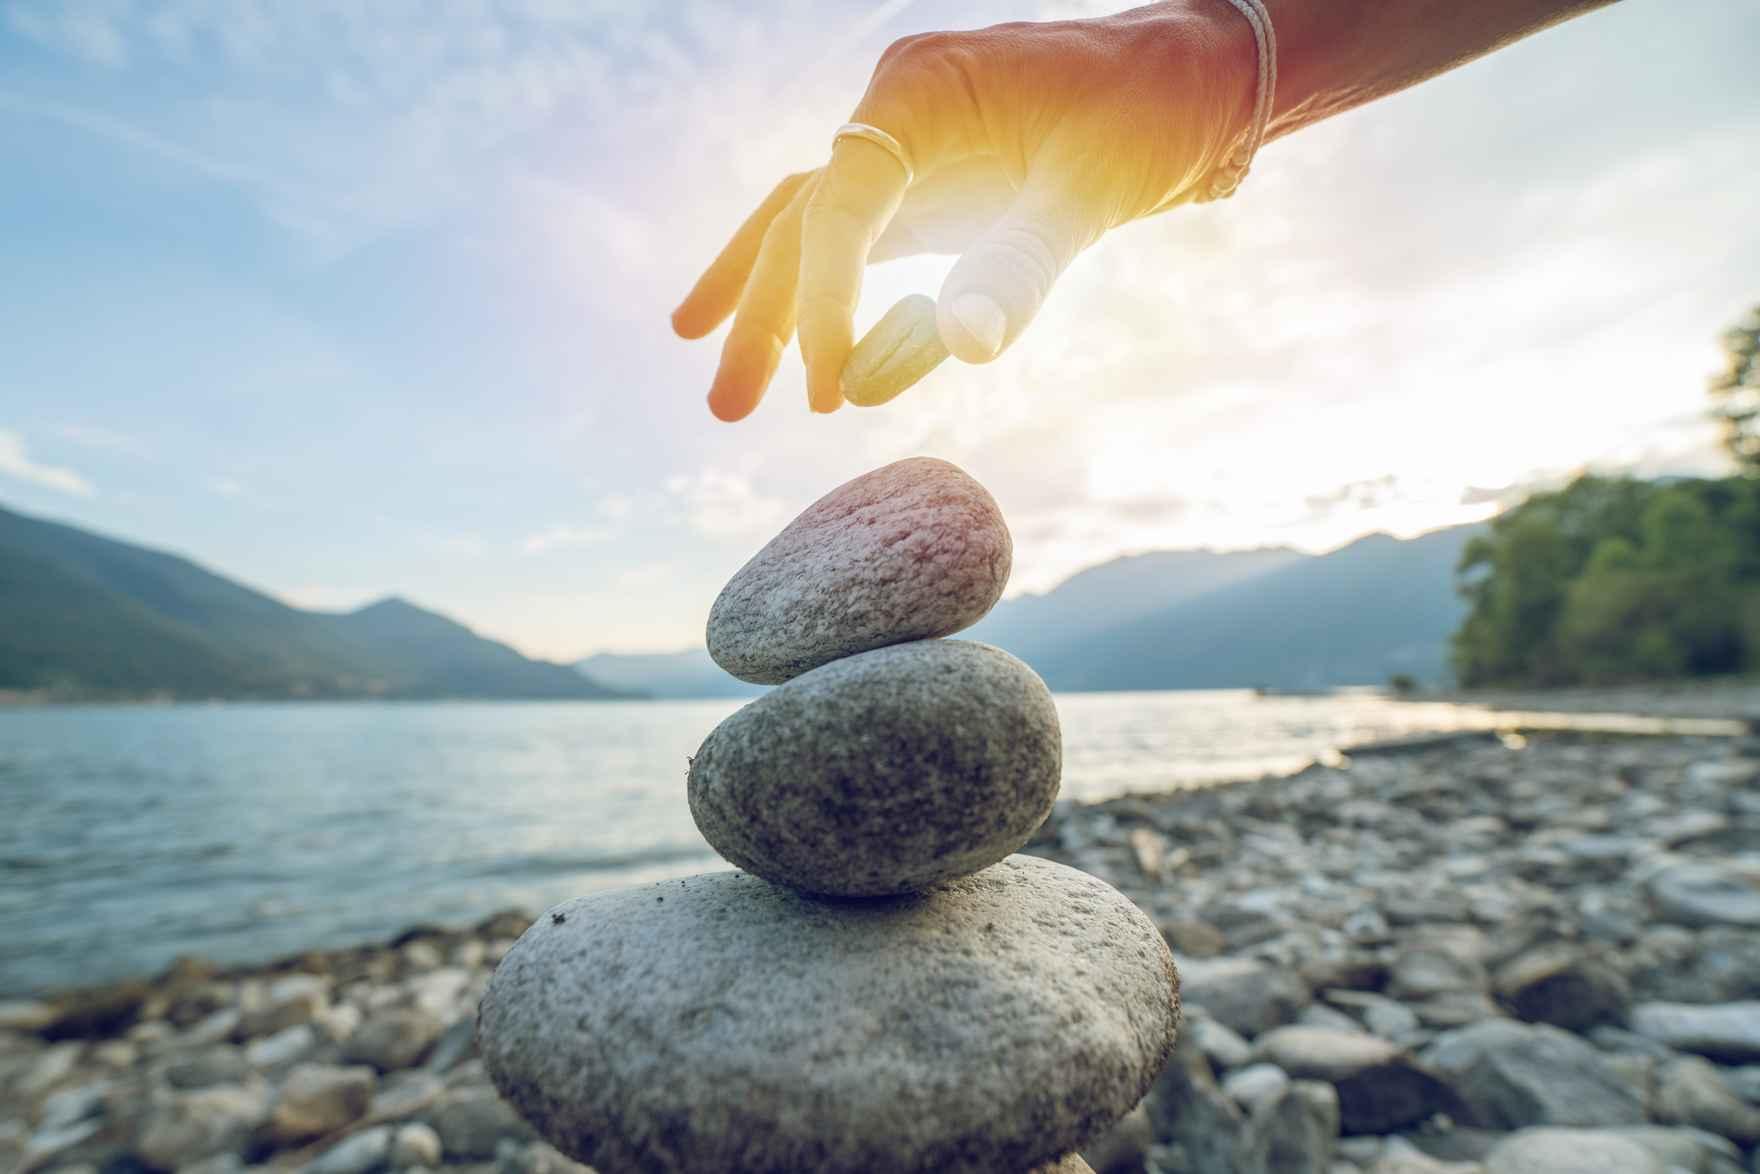 Hånd lægger sten på stenbunke ved sø